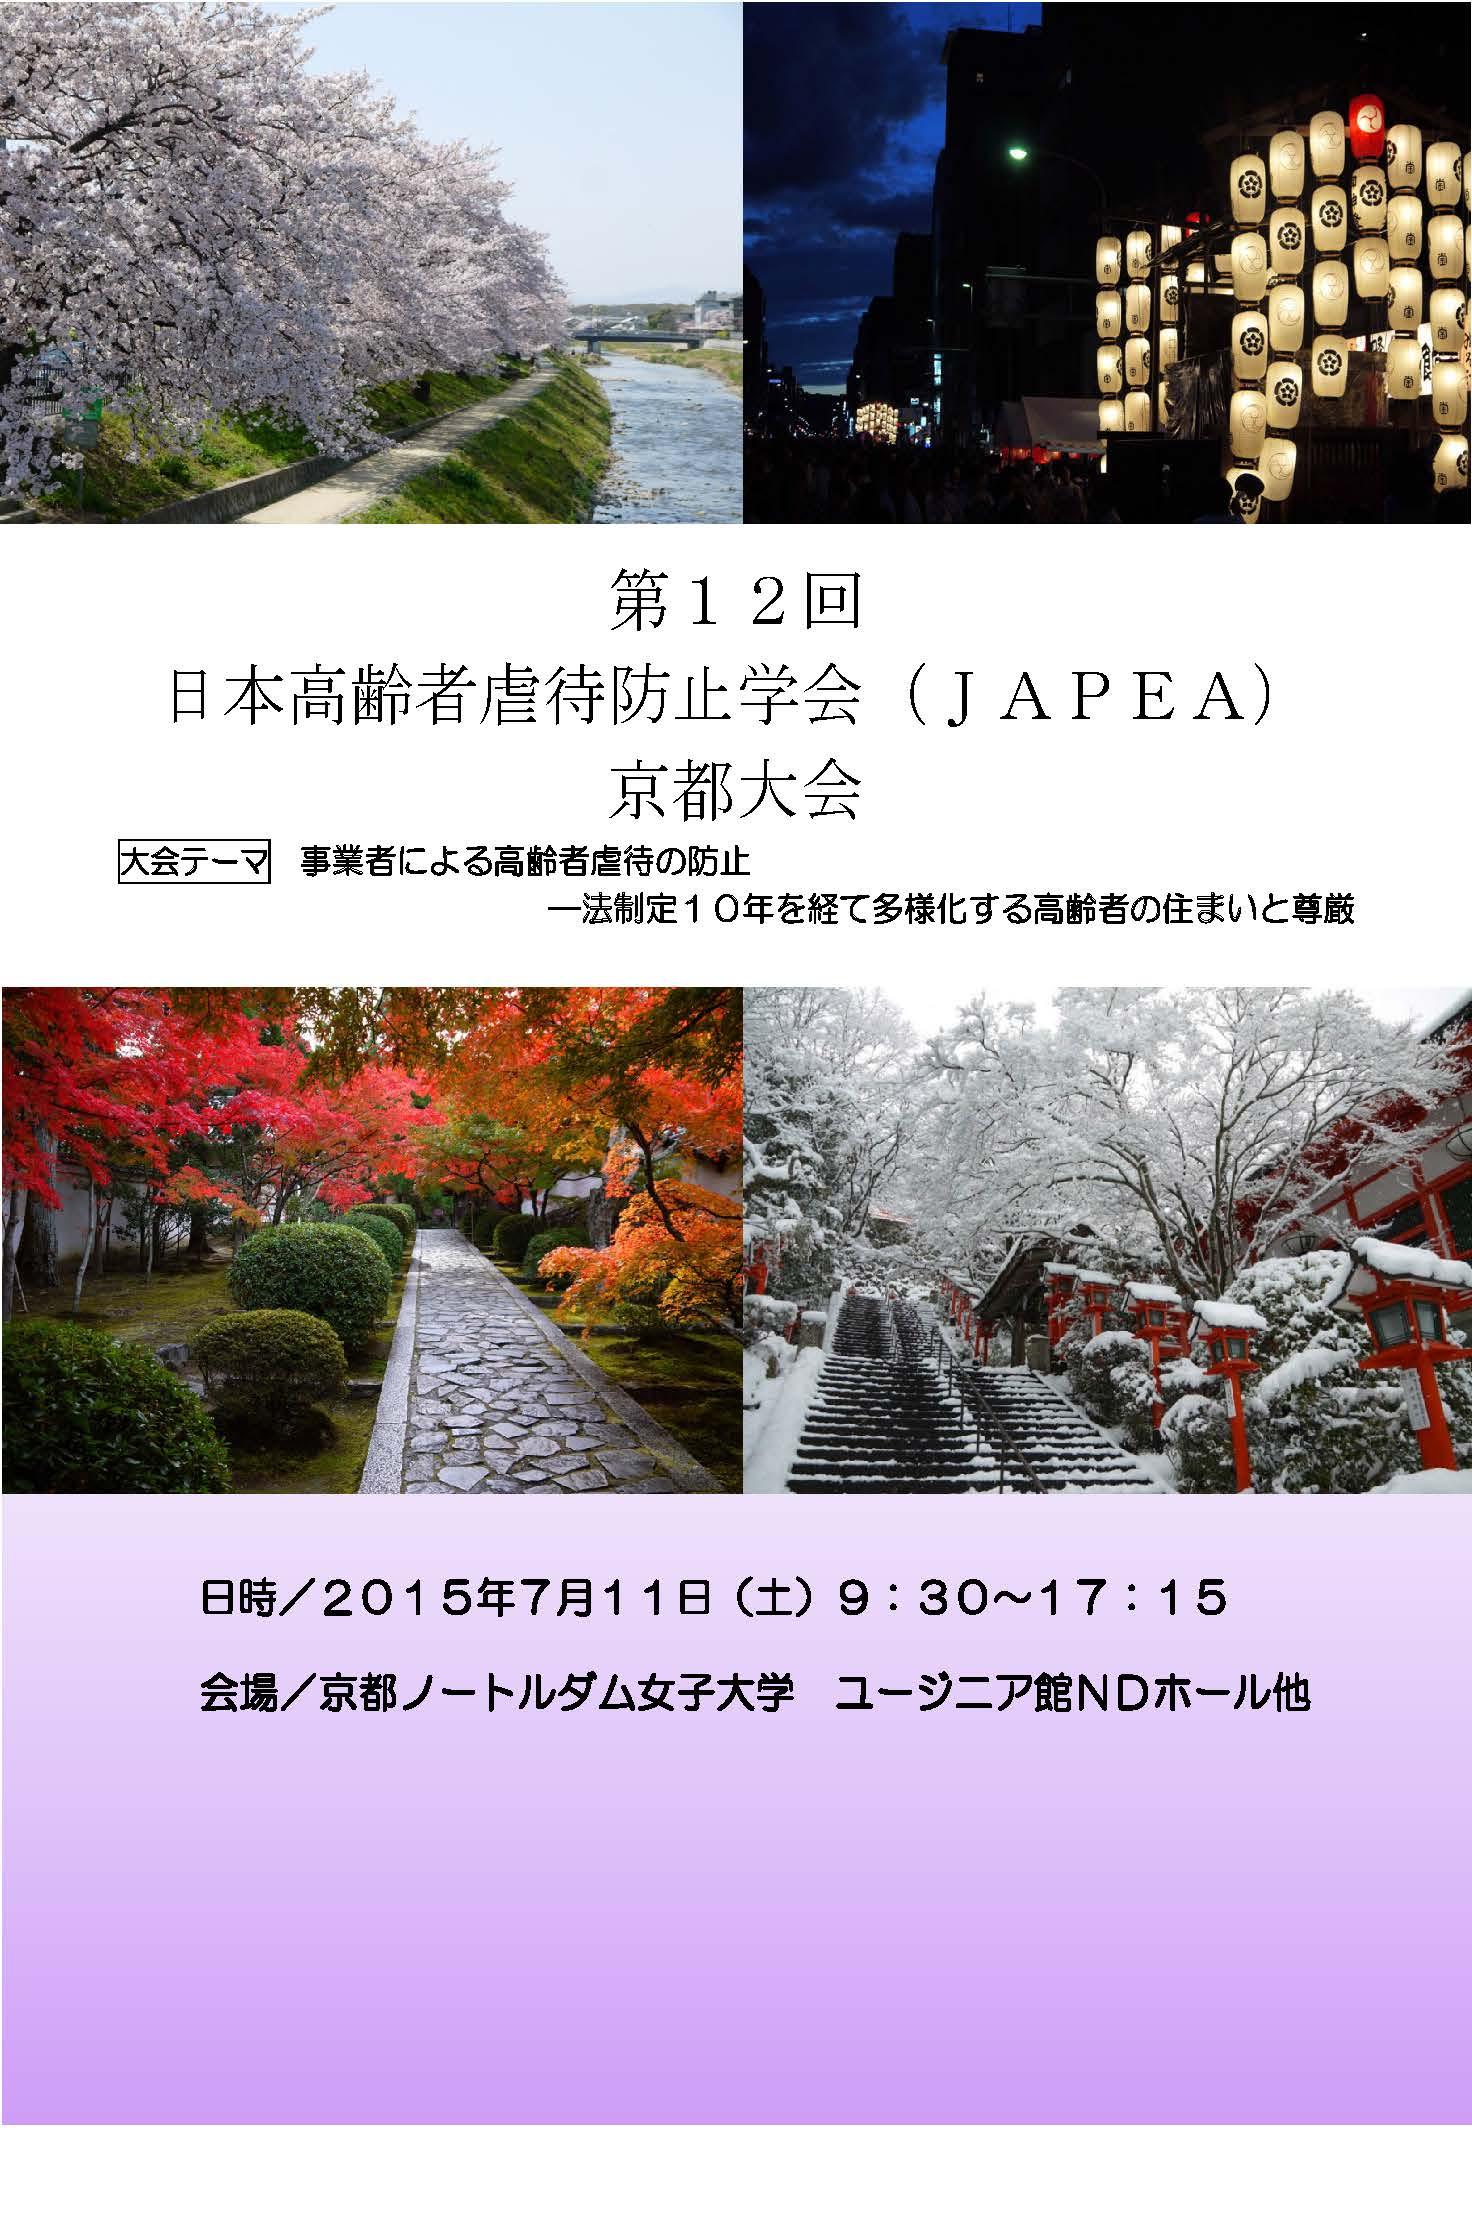 京都大会 表紙①